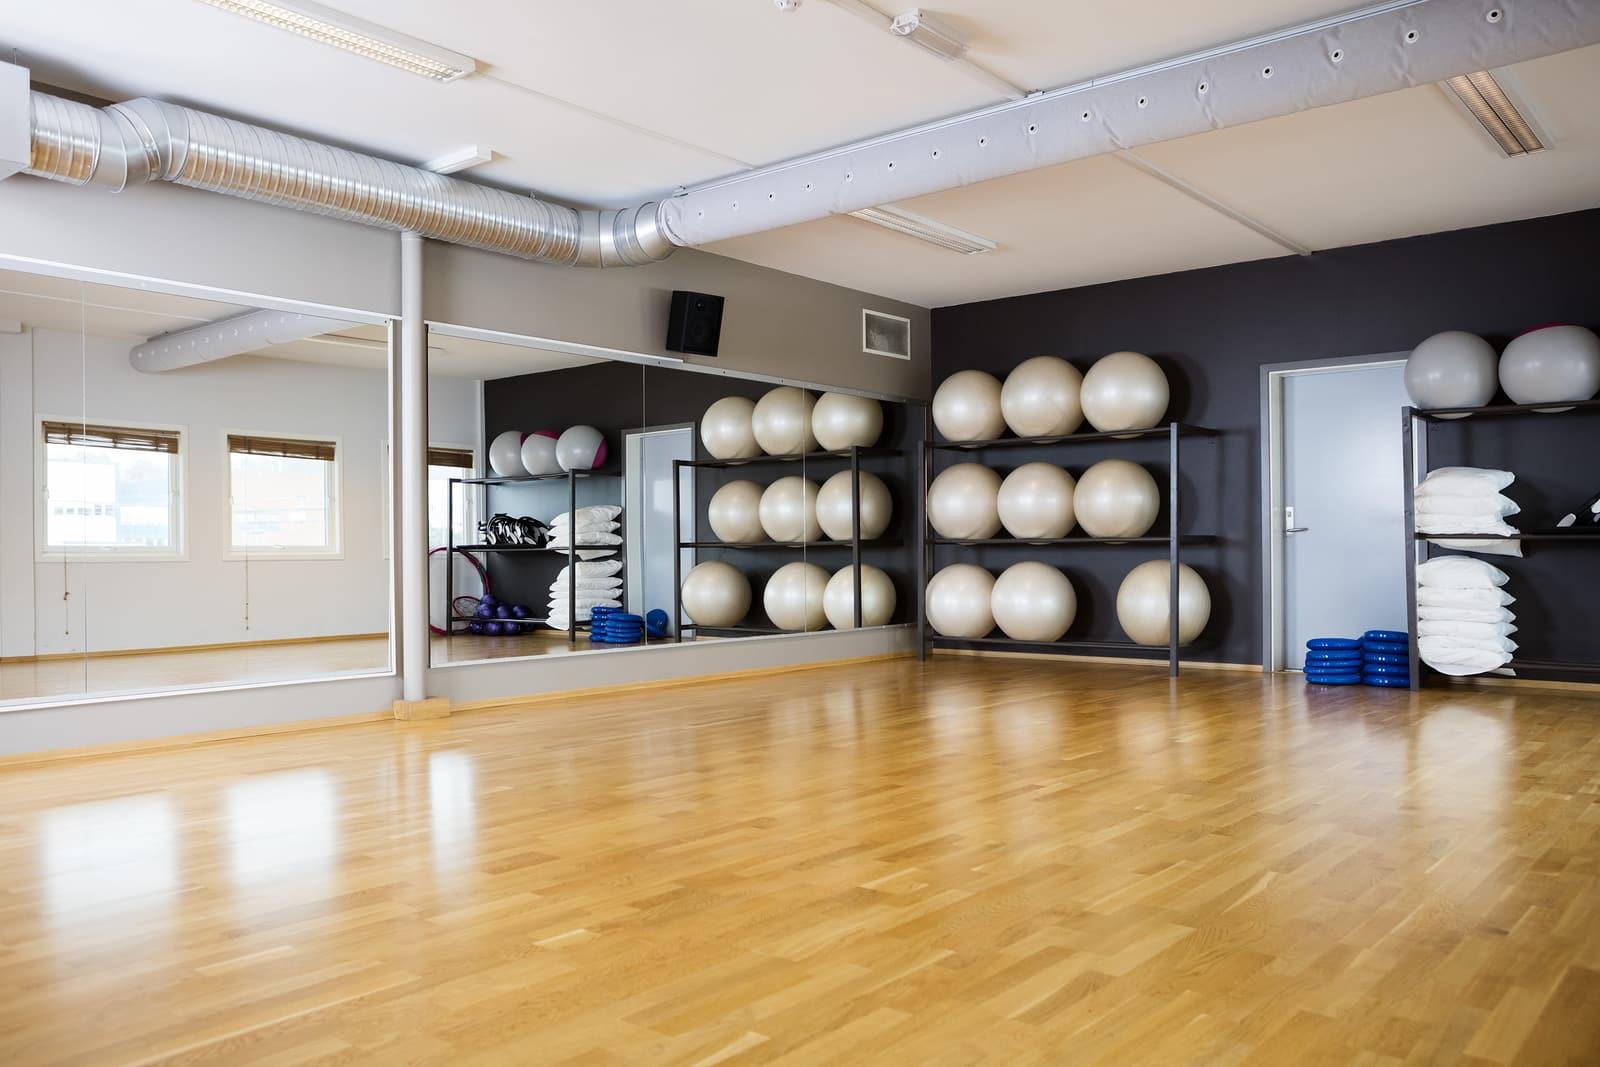 Hot yoga and fertility- studio